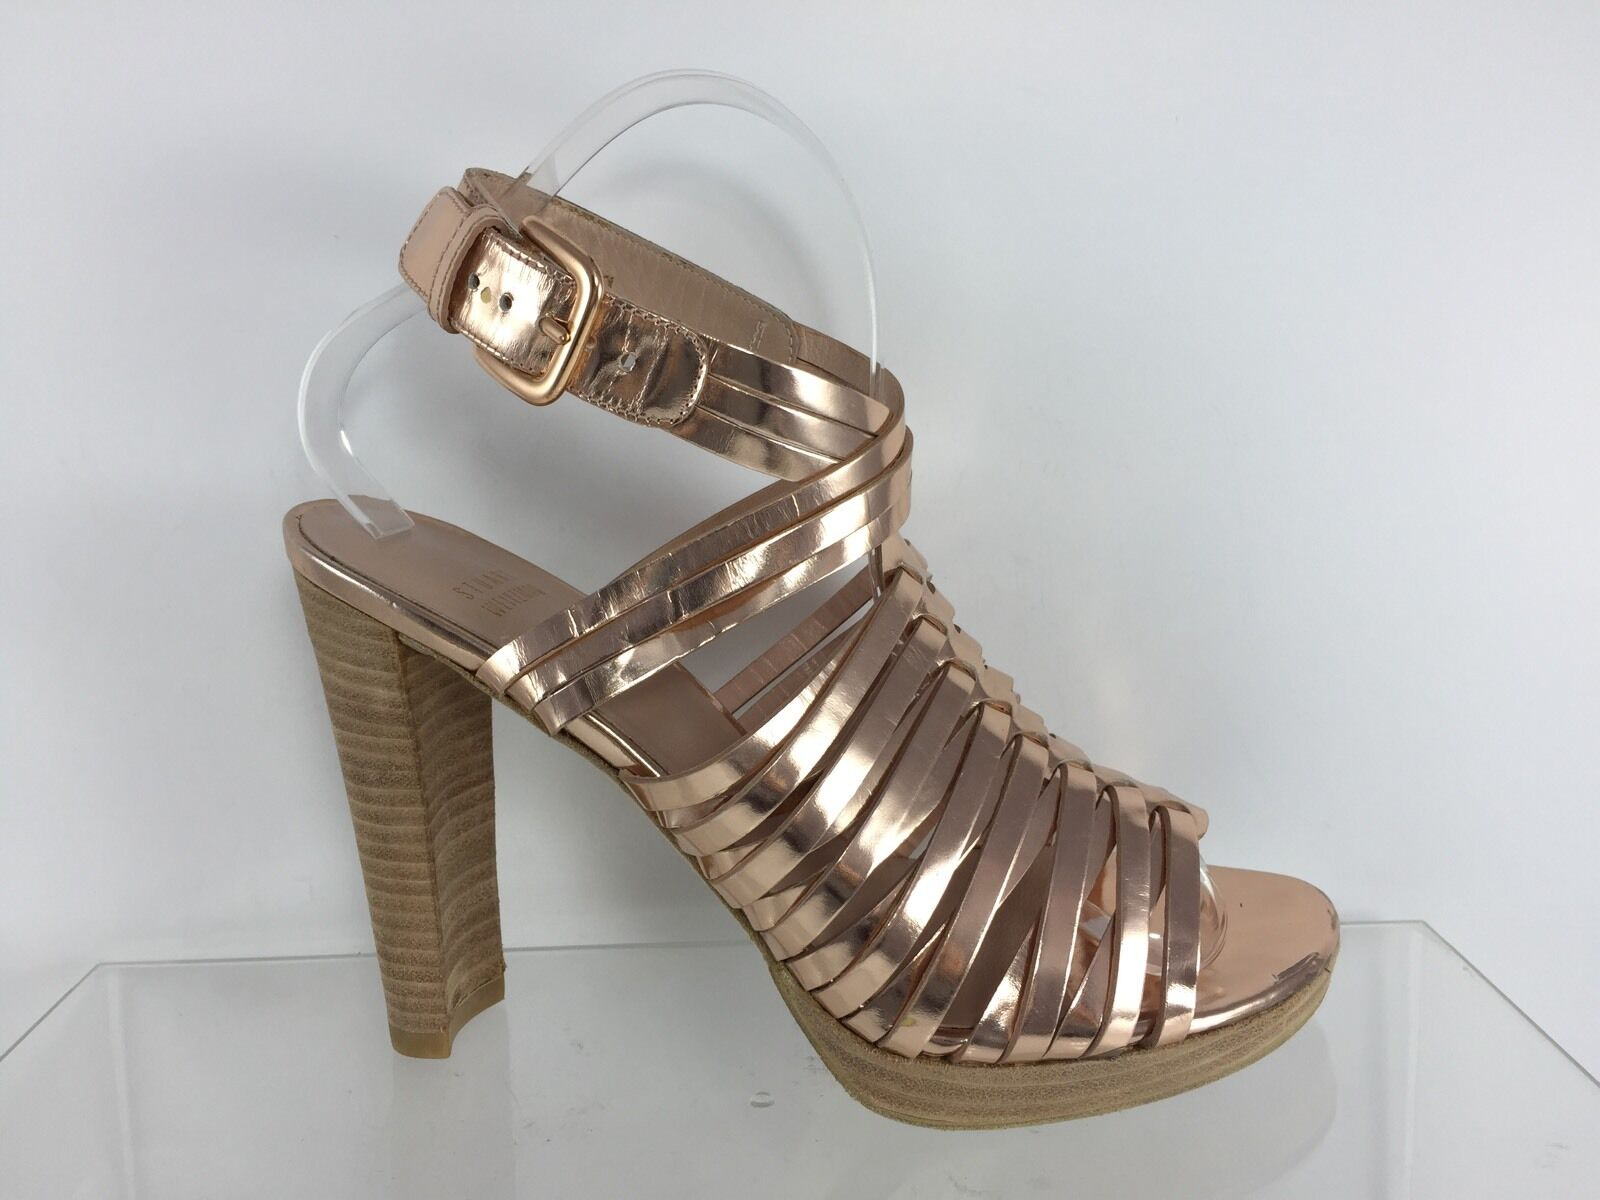 Stuart Weitzman Womens Metallic Bronze Heels 7 M